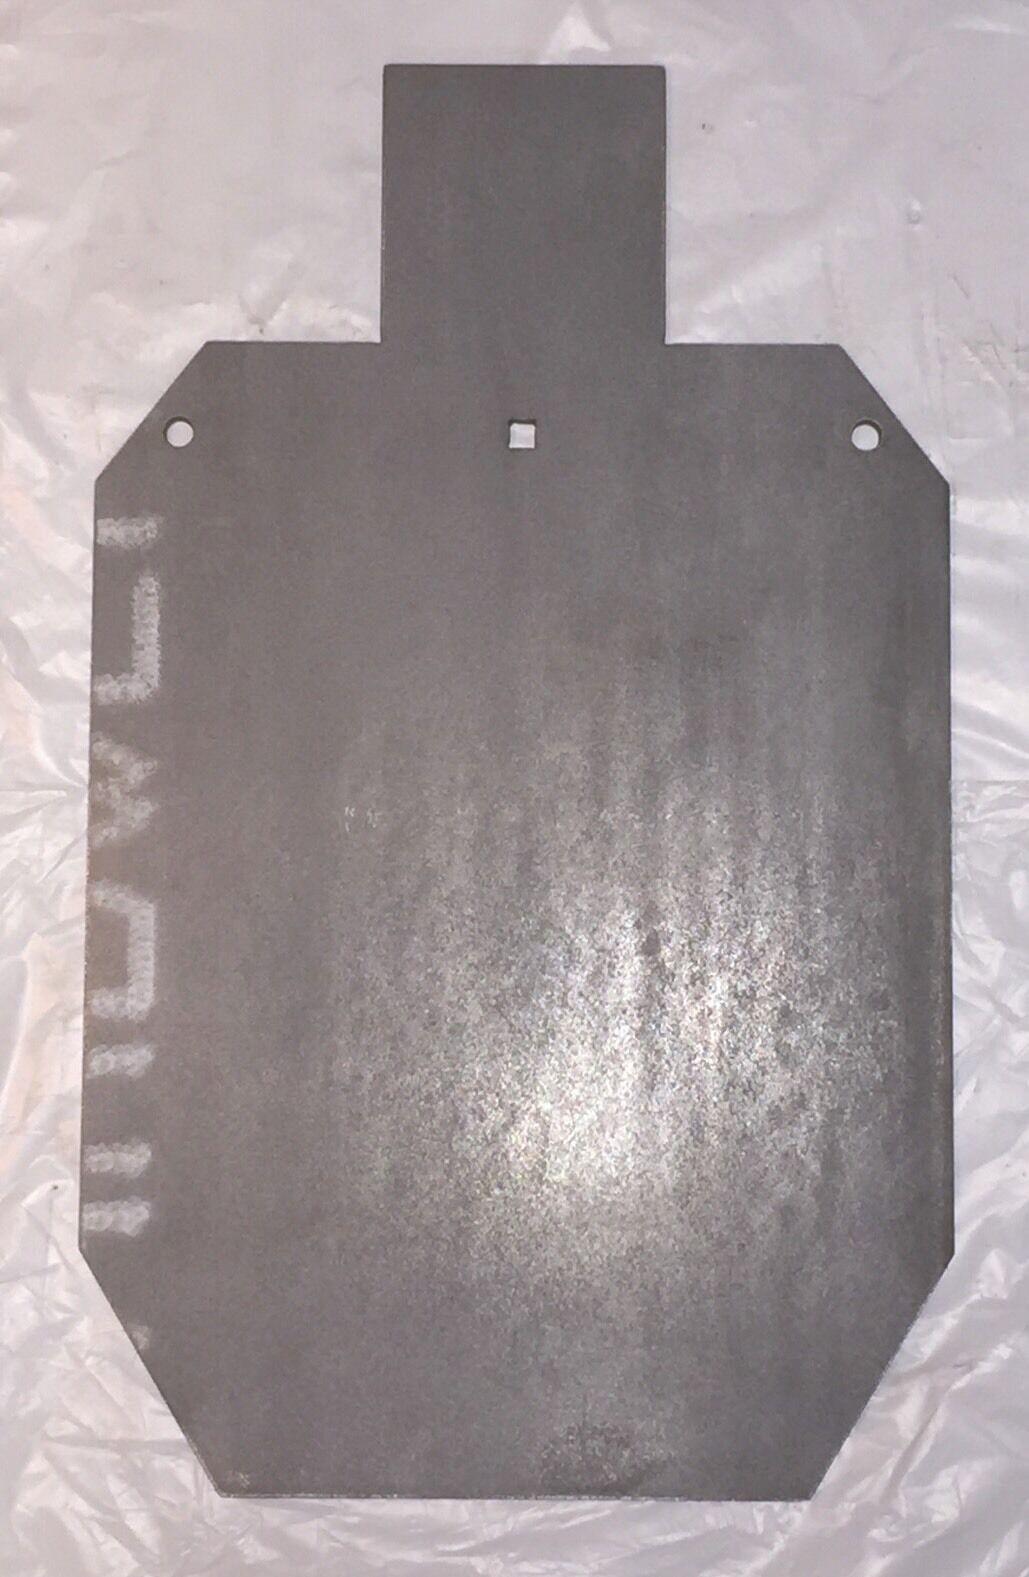 AR500 escala completa objetivo de disparo de acero IPSC IDPA Gong 1 4  X 18  X 30